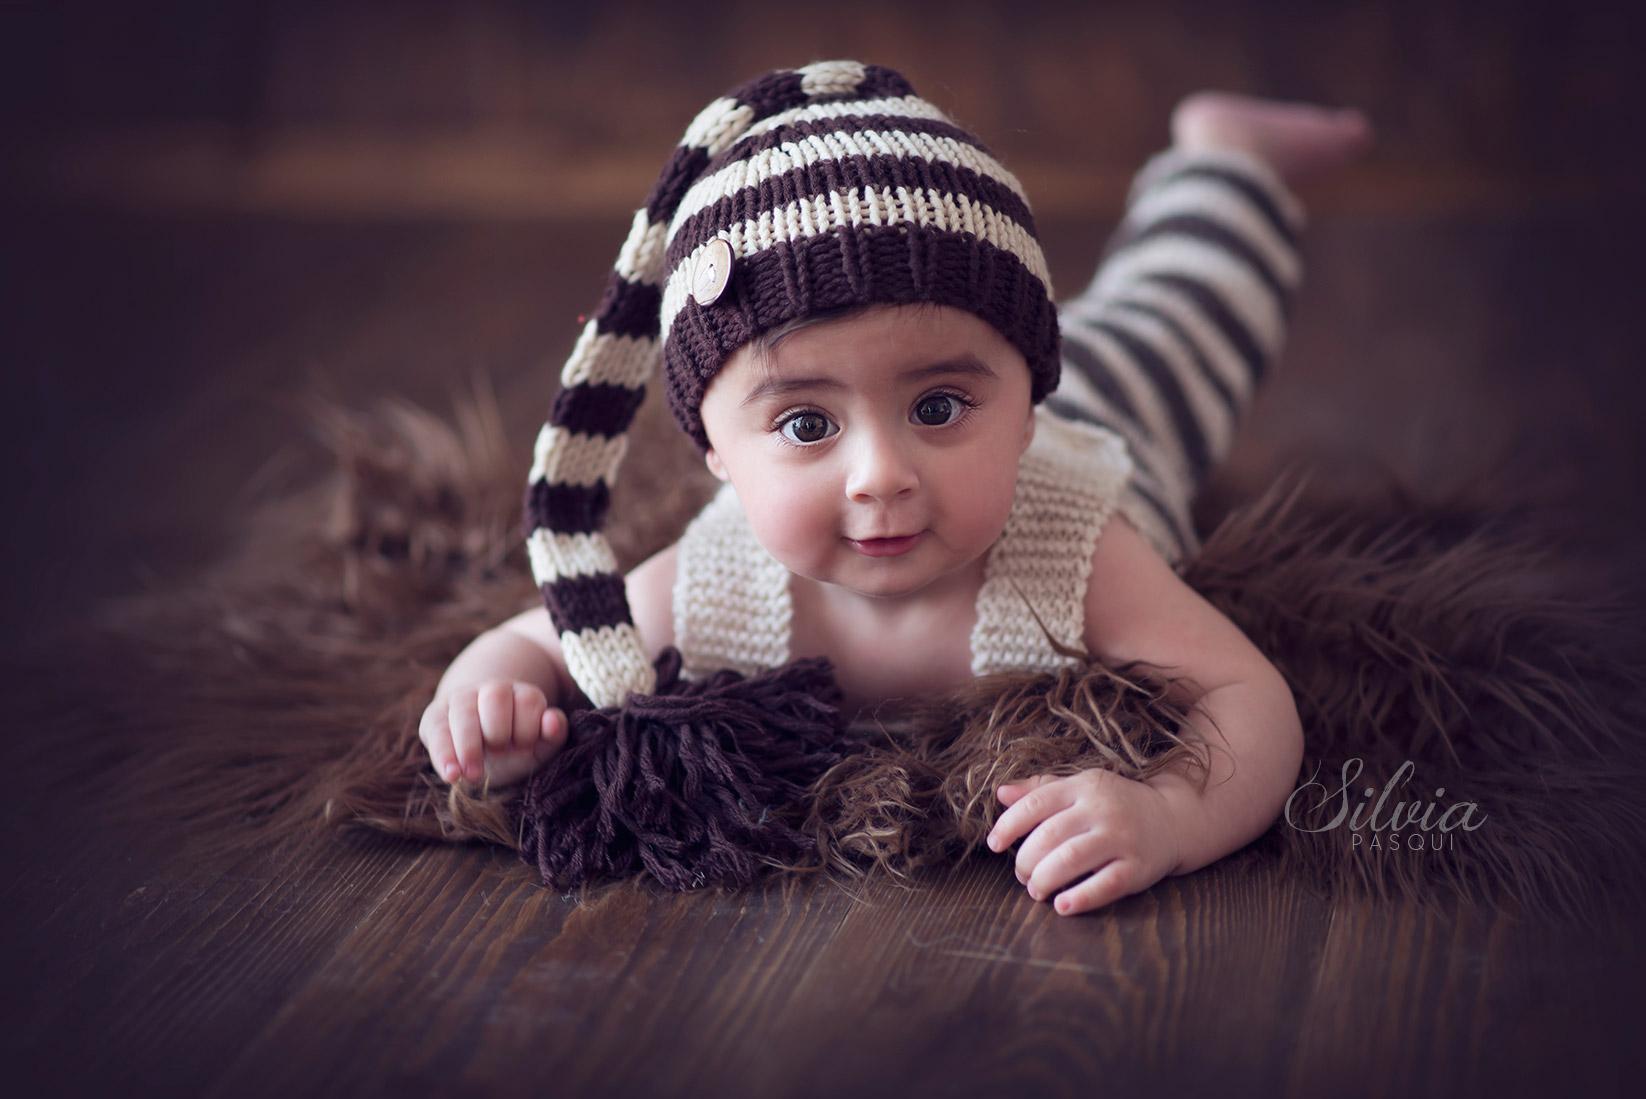 Favoloso foto-artistiche-bambini-roma-fla7 - Piacere di Fotografare EB69